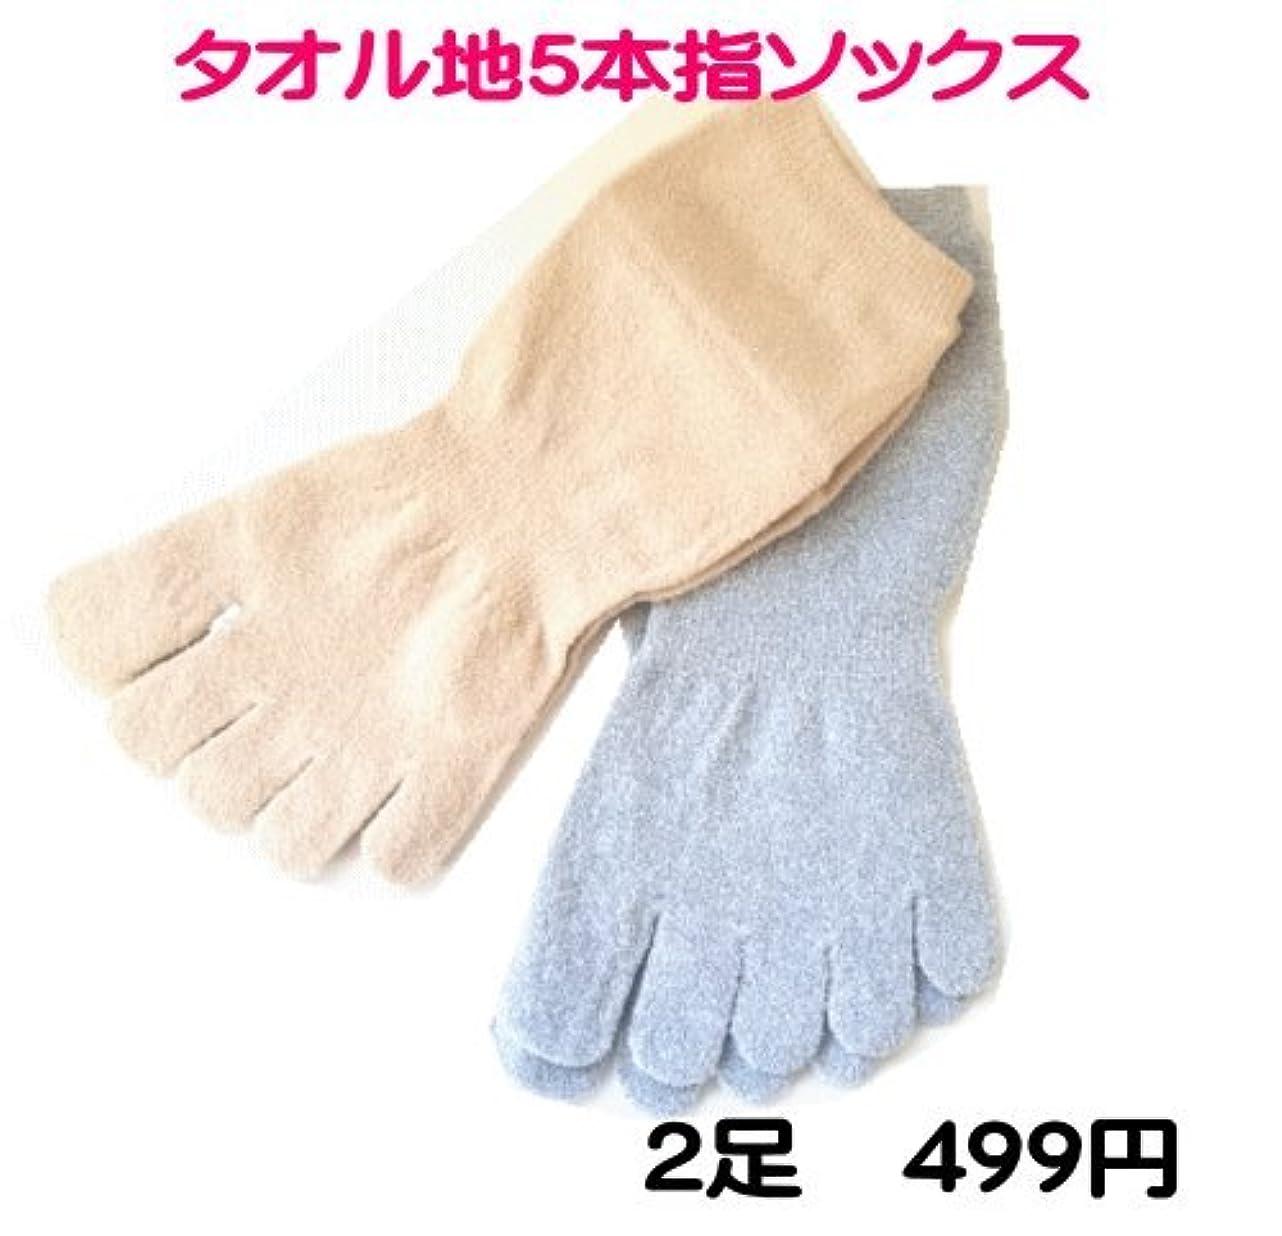 コンプリートストレス官僚在庫一掃 タオルのような肌触り 5本指 ソックス ショート丈 2足組 太陽ニット